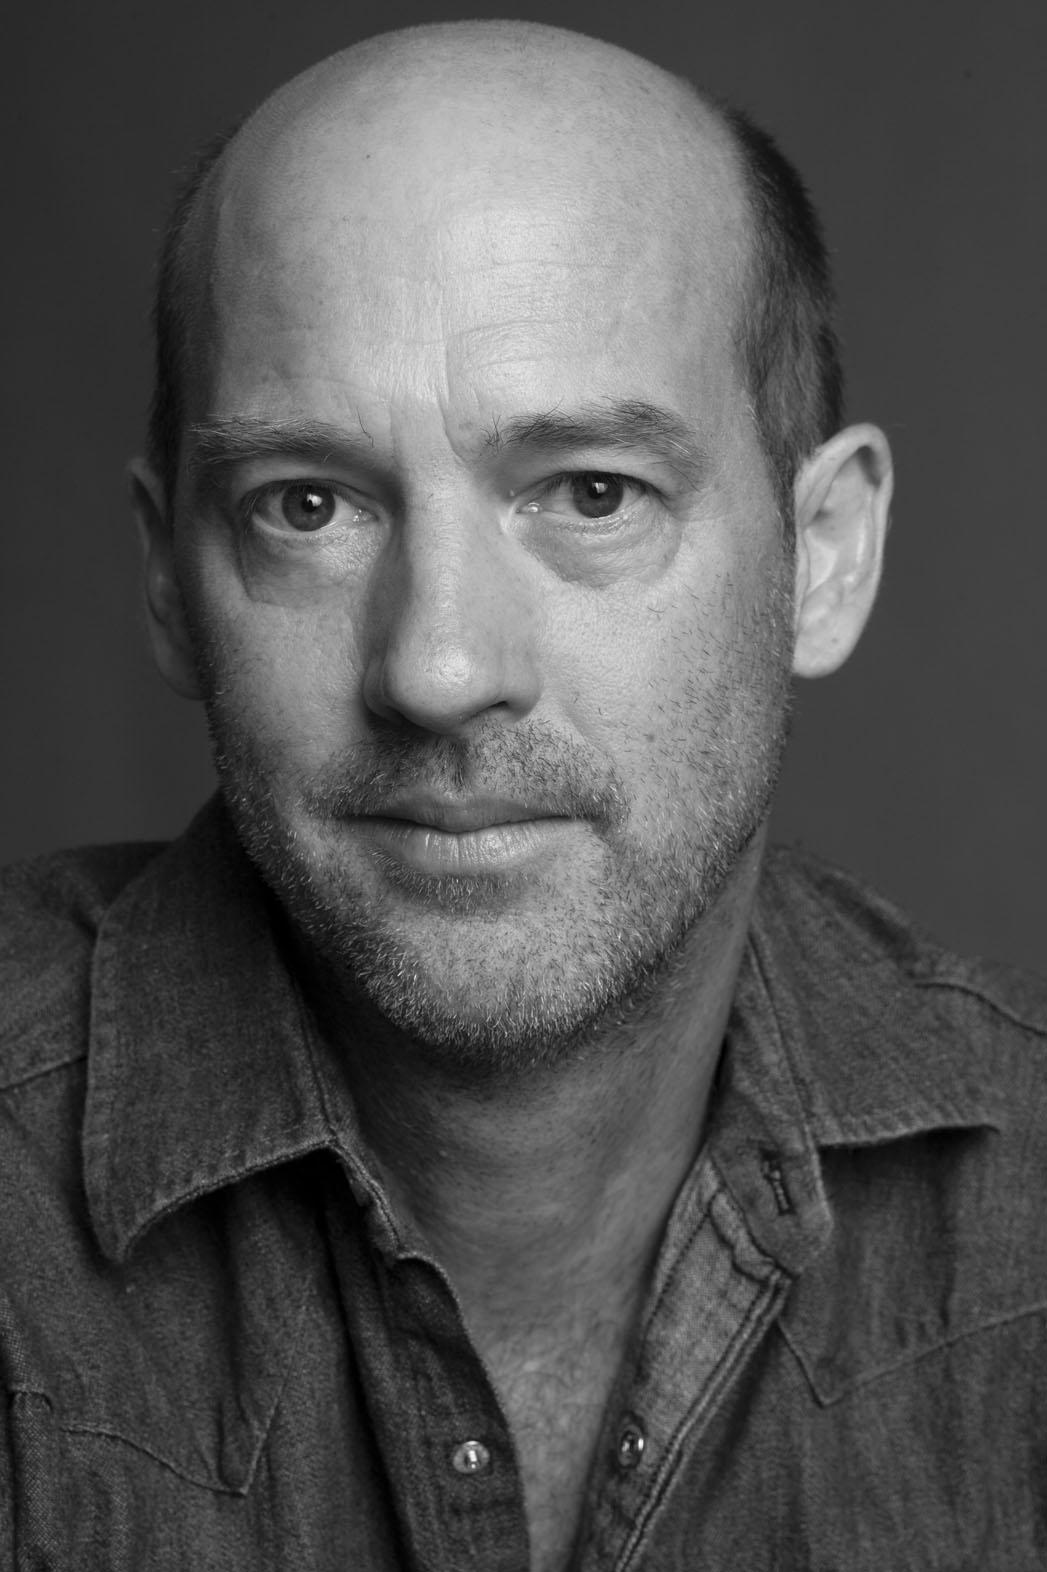 Anthony Edwards Portrait - P 2014